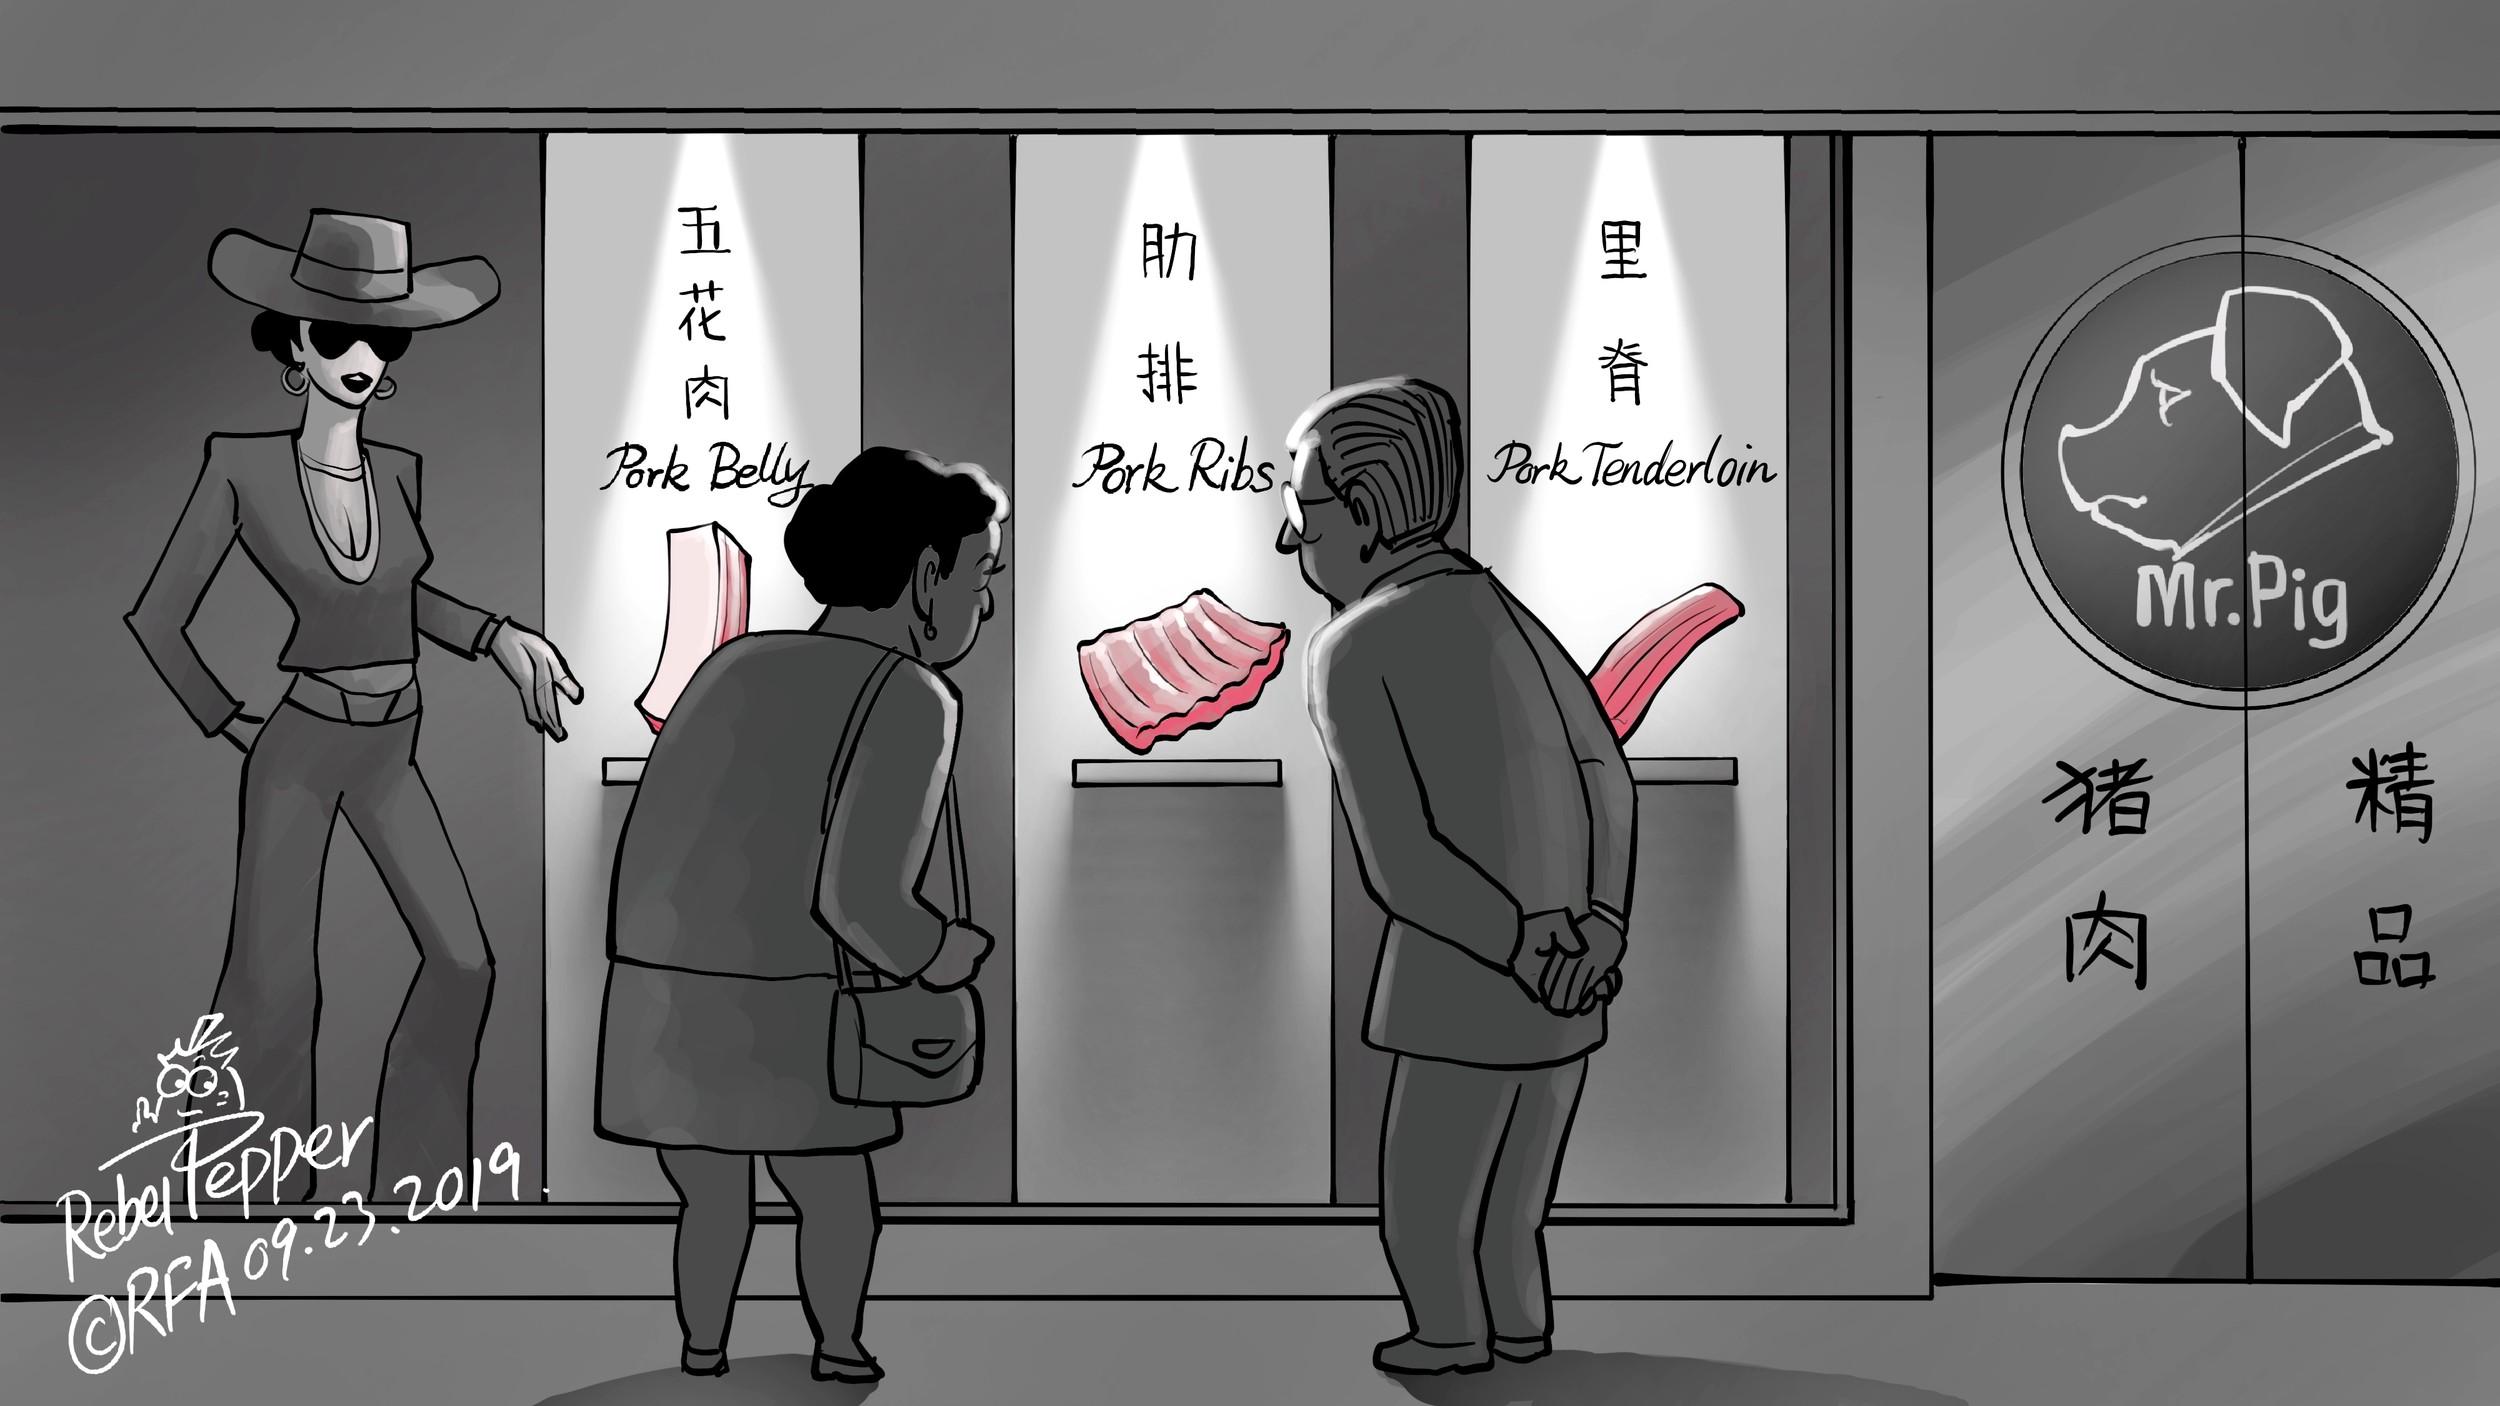 因为中美贸易战的影响和非洲猪瘟,中国猪肉价格昂贵,很多老百姓吃不起猪肉。(变态辣椒)